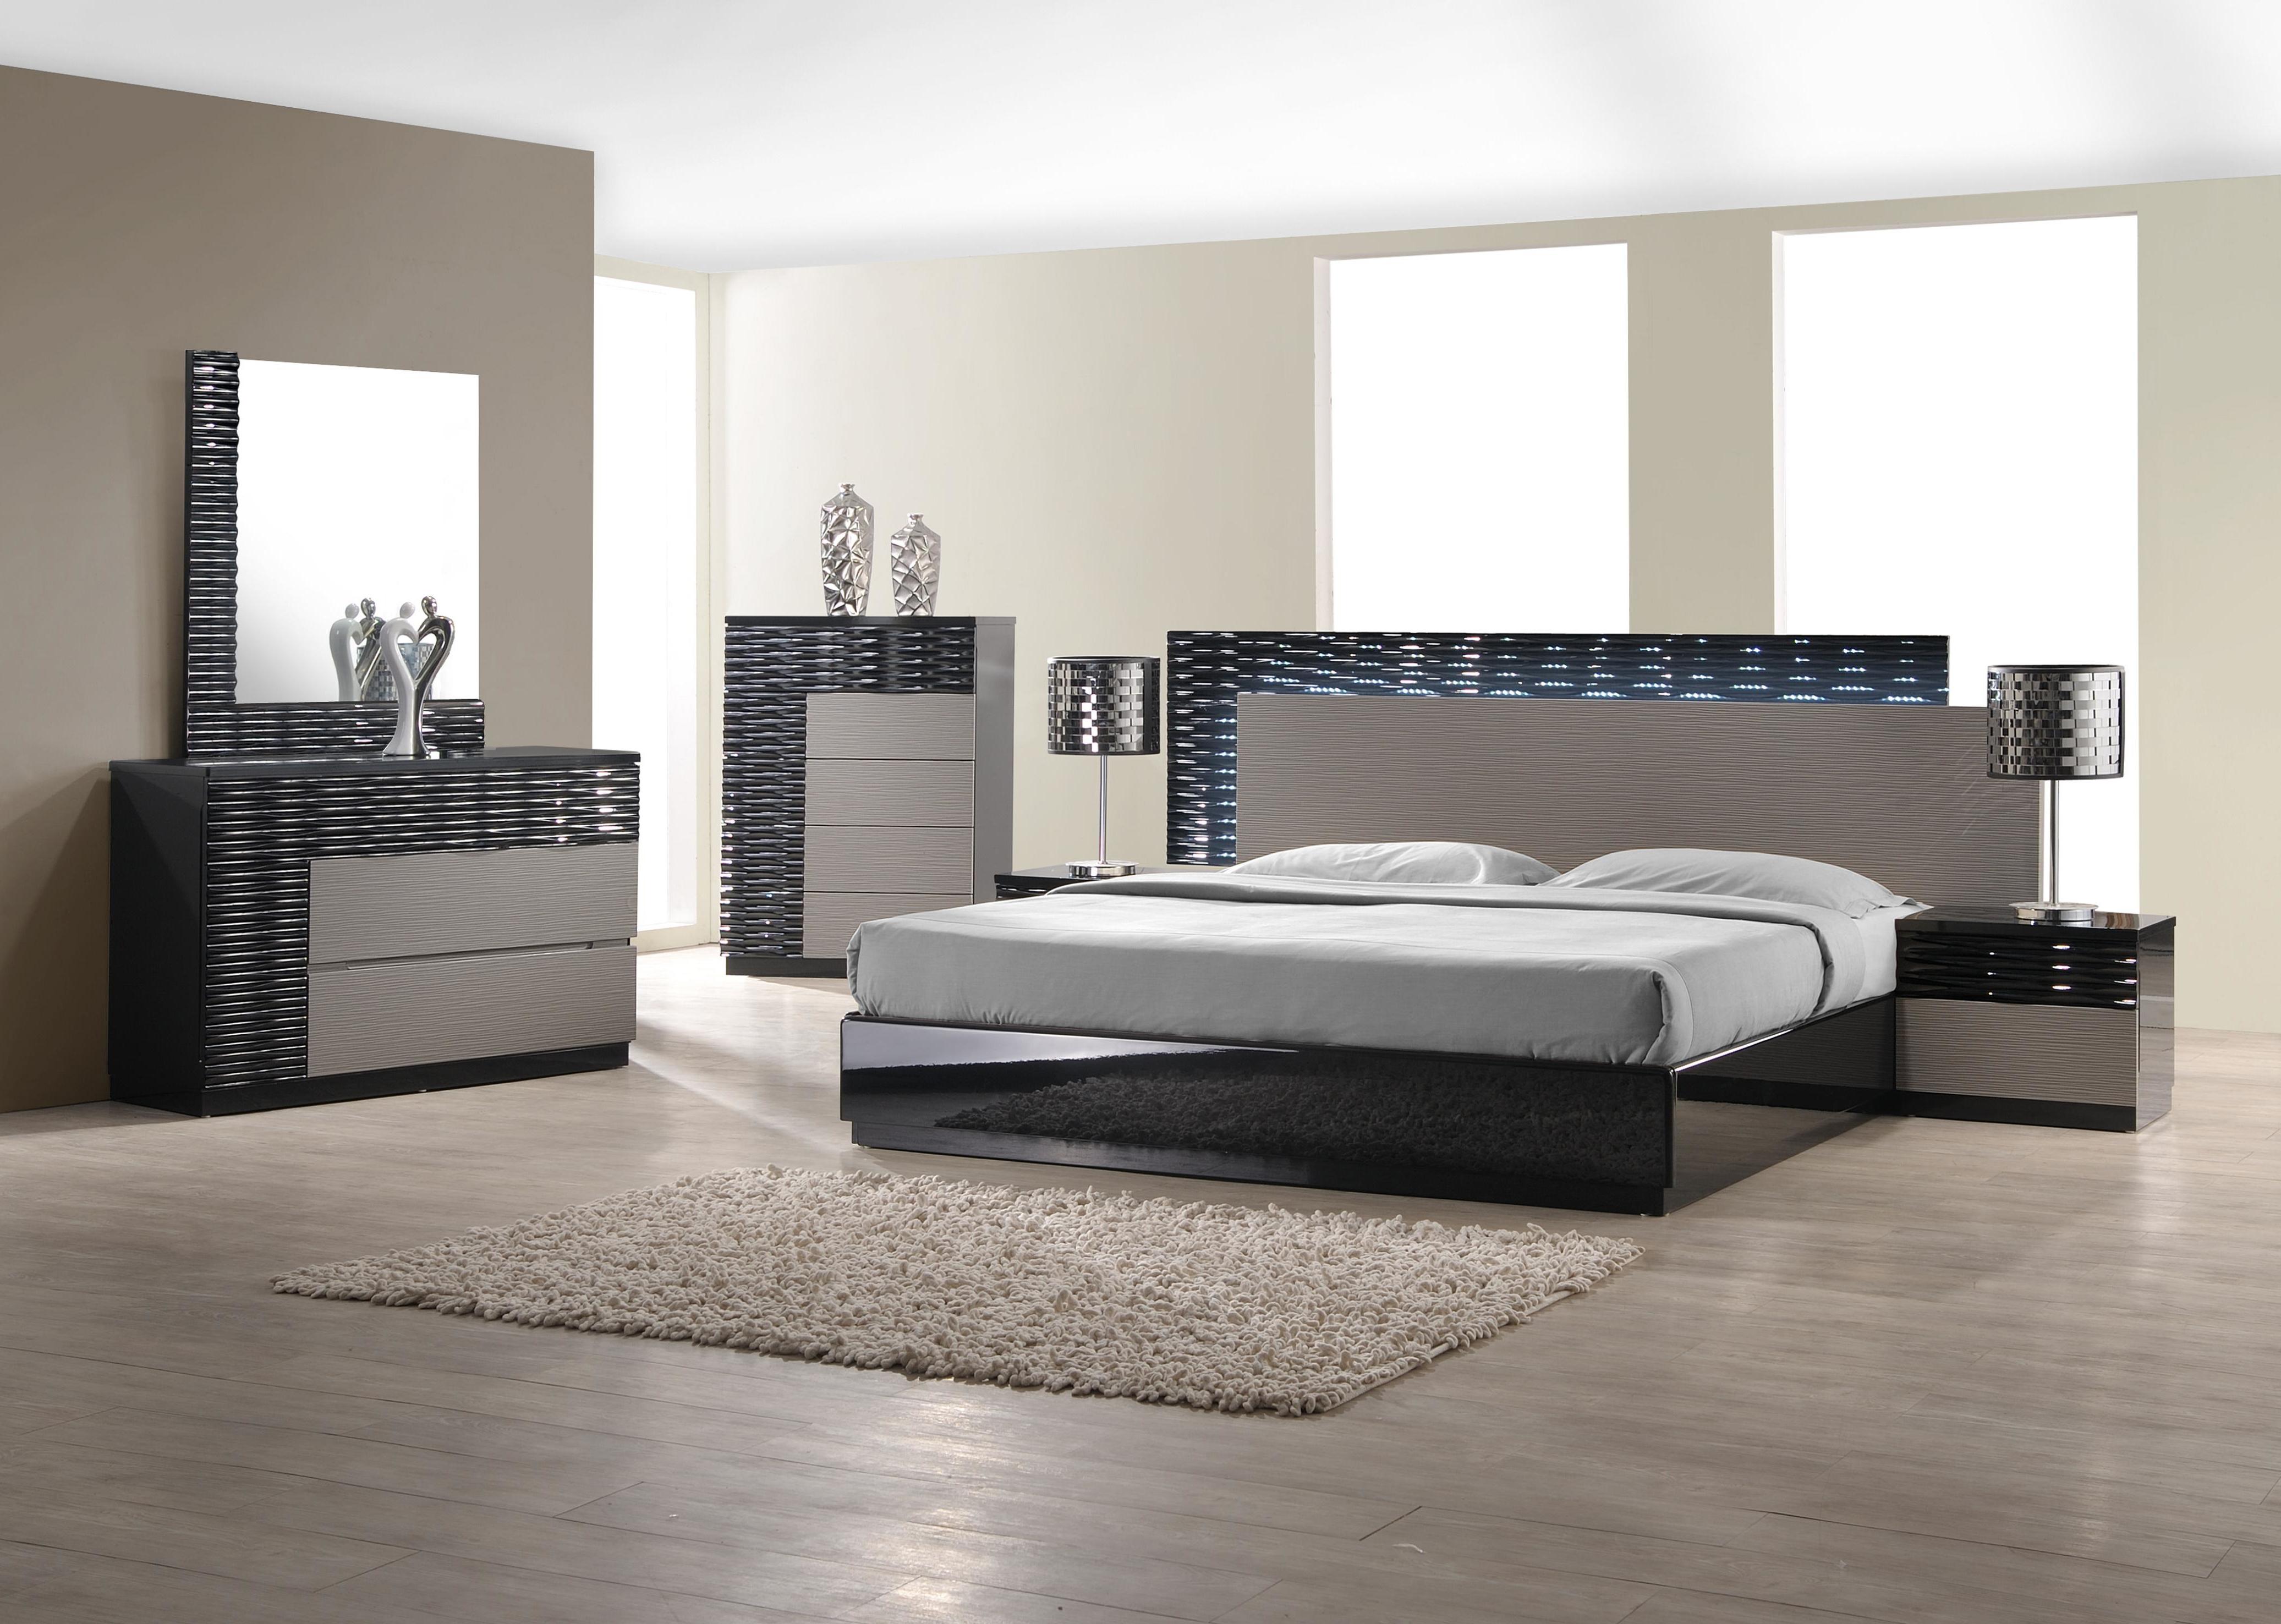 giường ngủ hiện đại 12